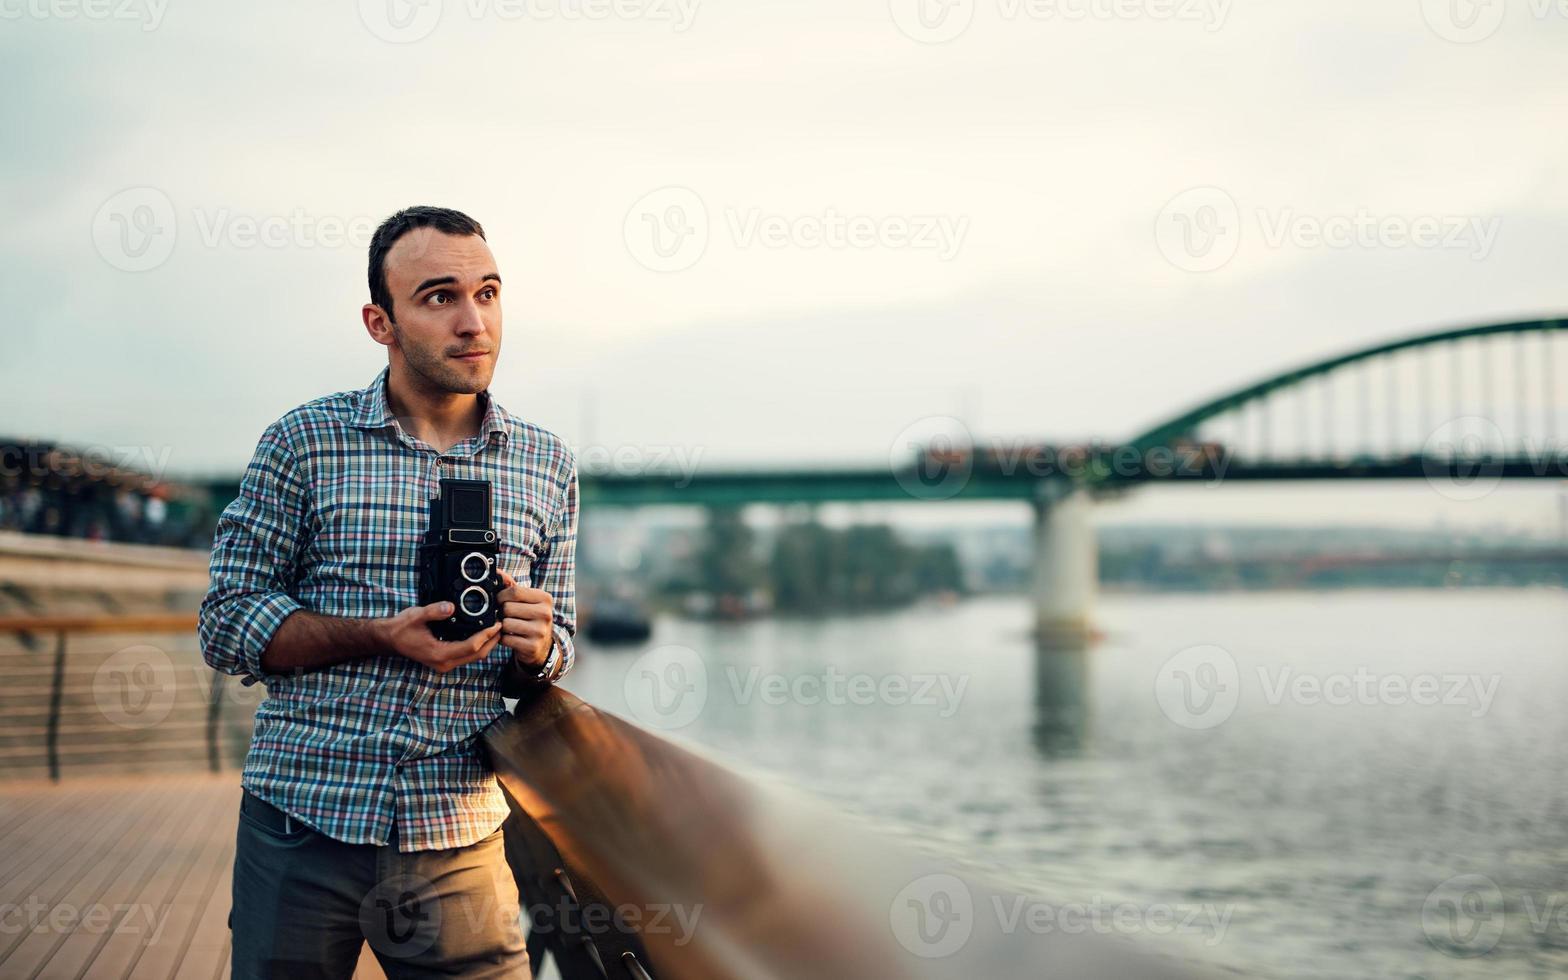 fotograf tänker på komposition foto